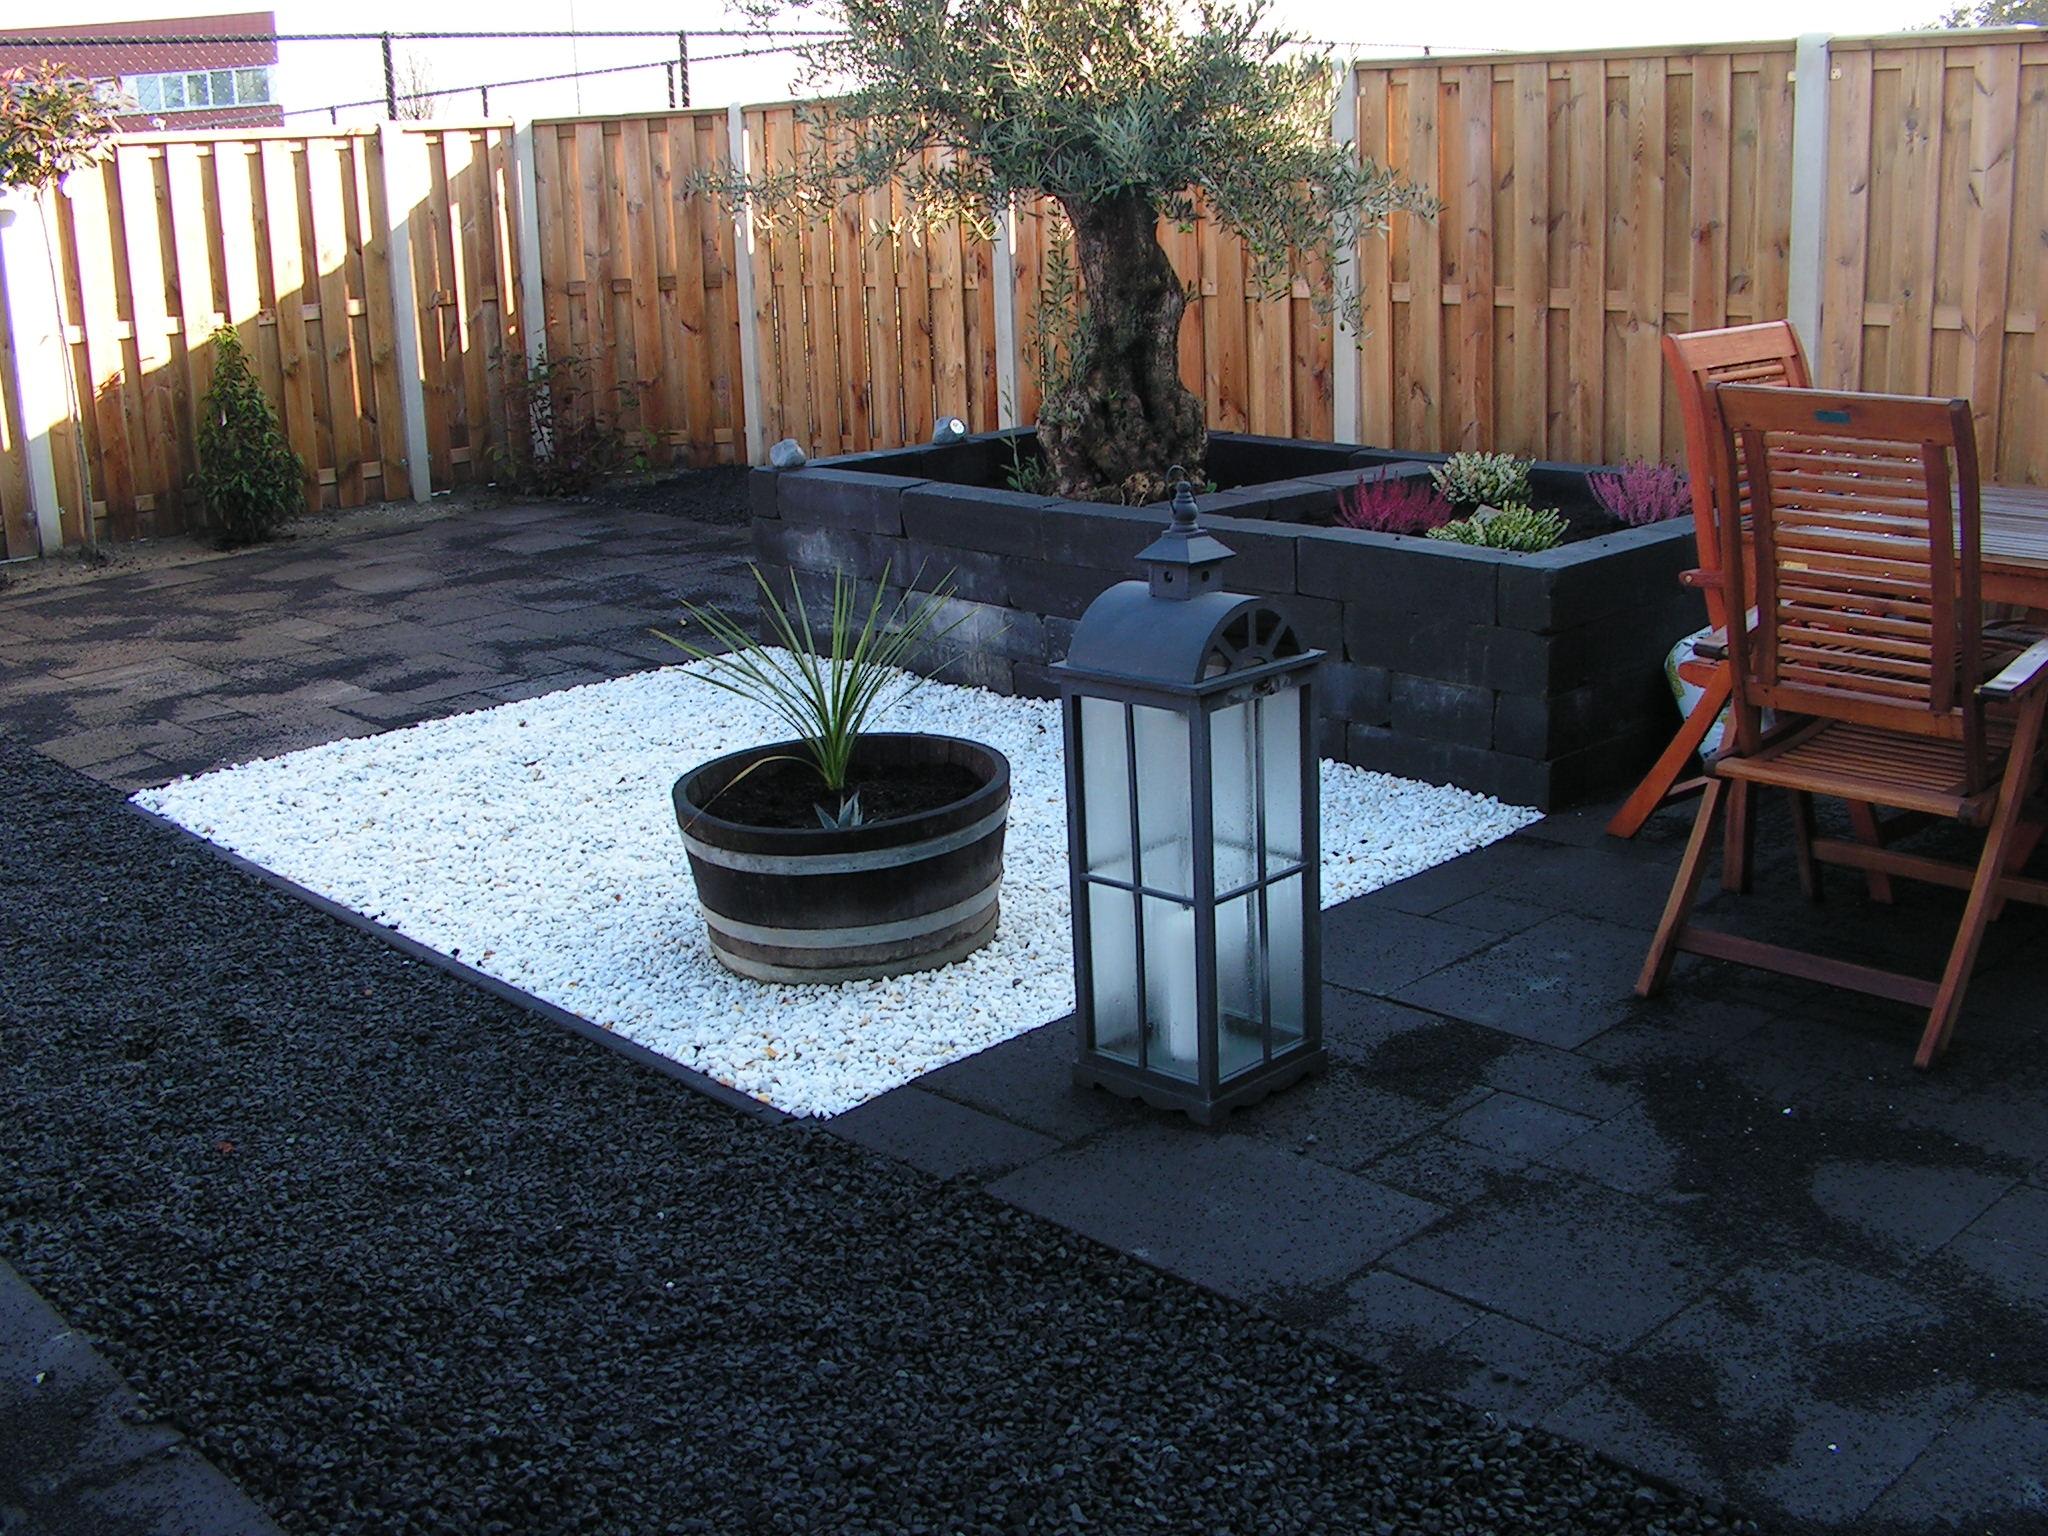 Schenken Sie Ihr Vertrauen unseren goldenen Tipps für Gartengestaltung, um einen Schritt näher zu Ihrem Traumgarten zu kommen.